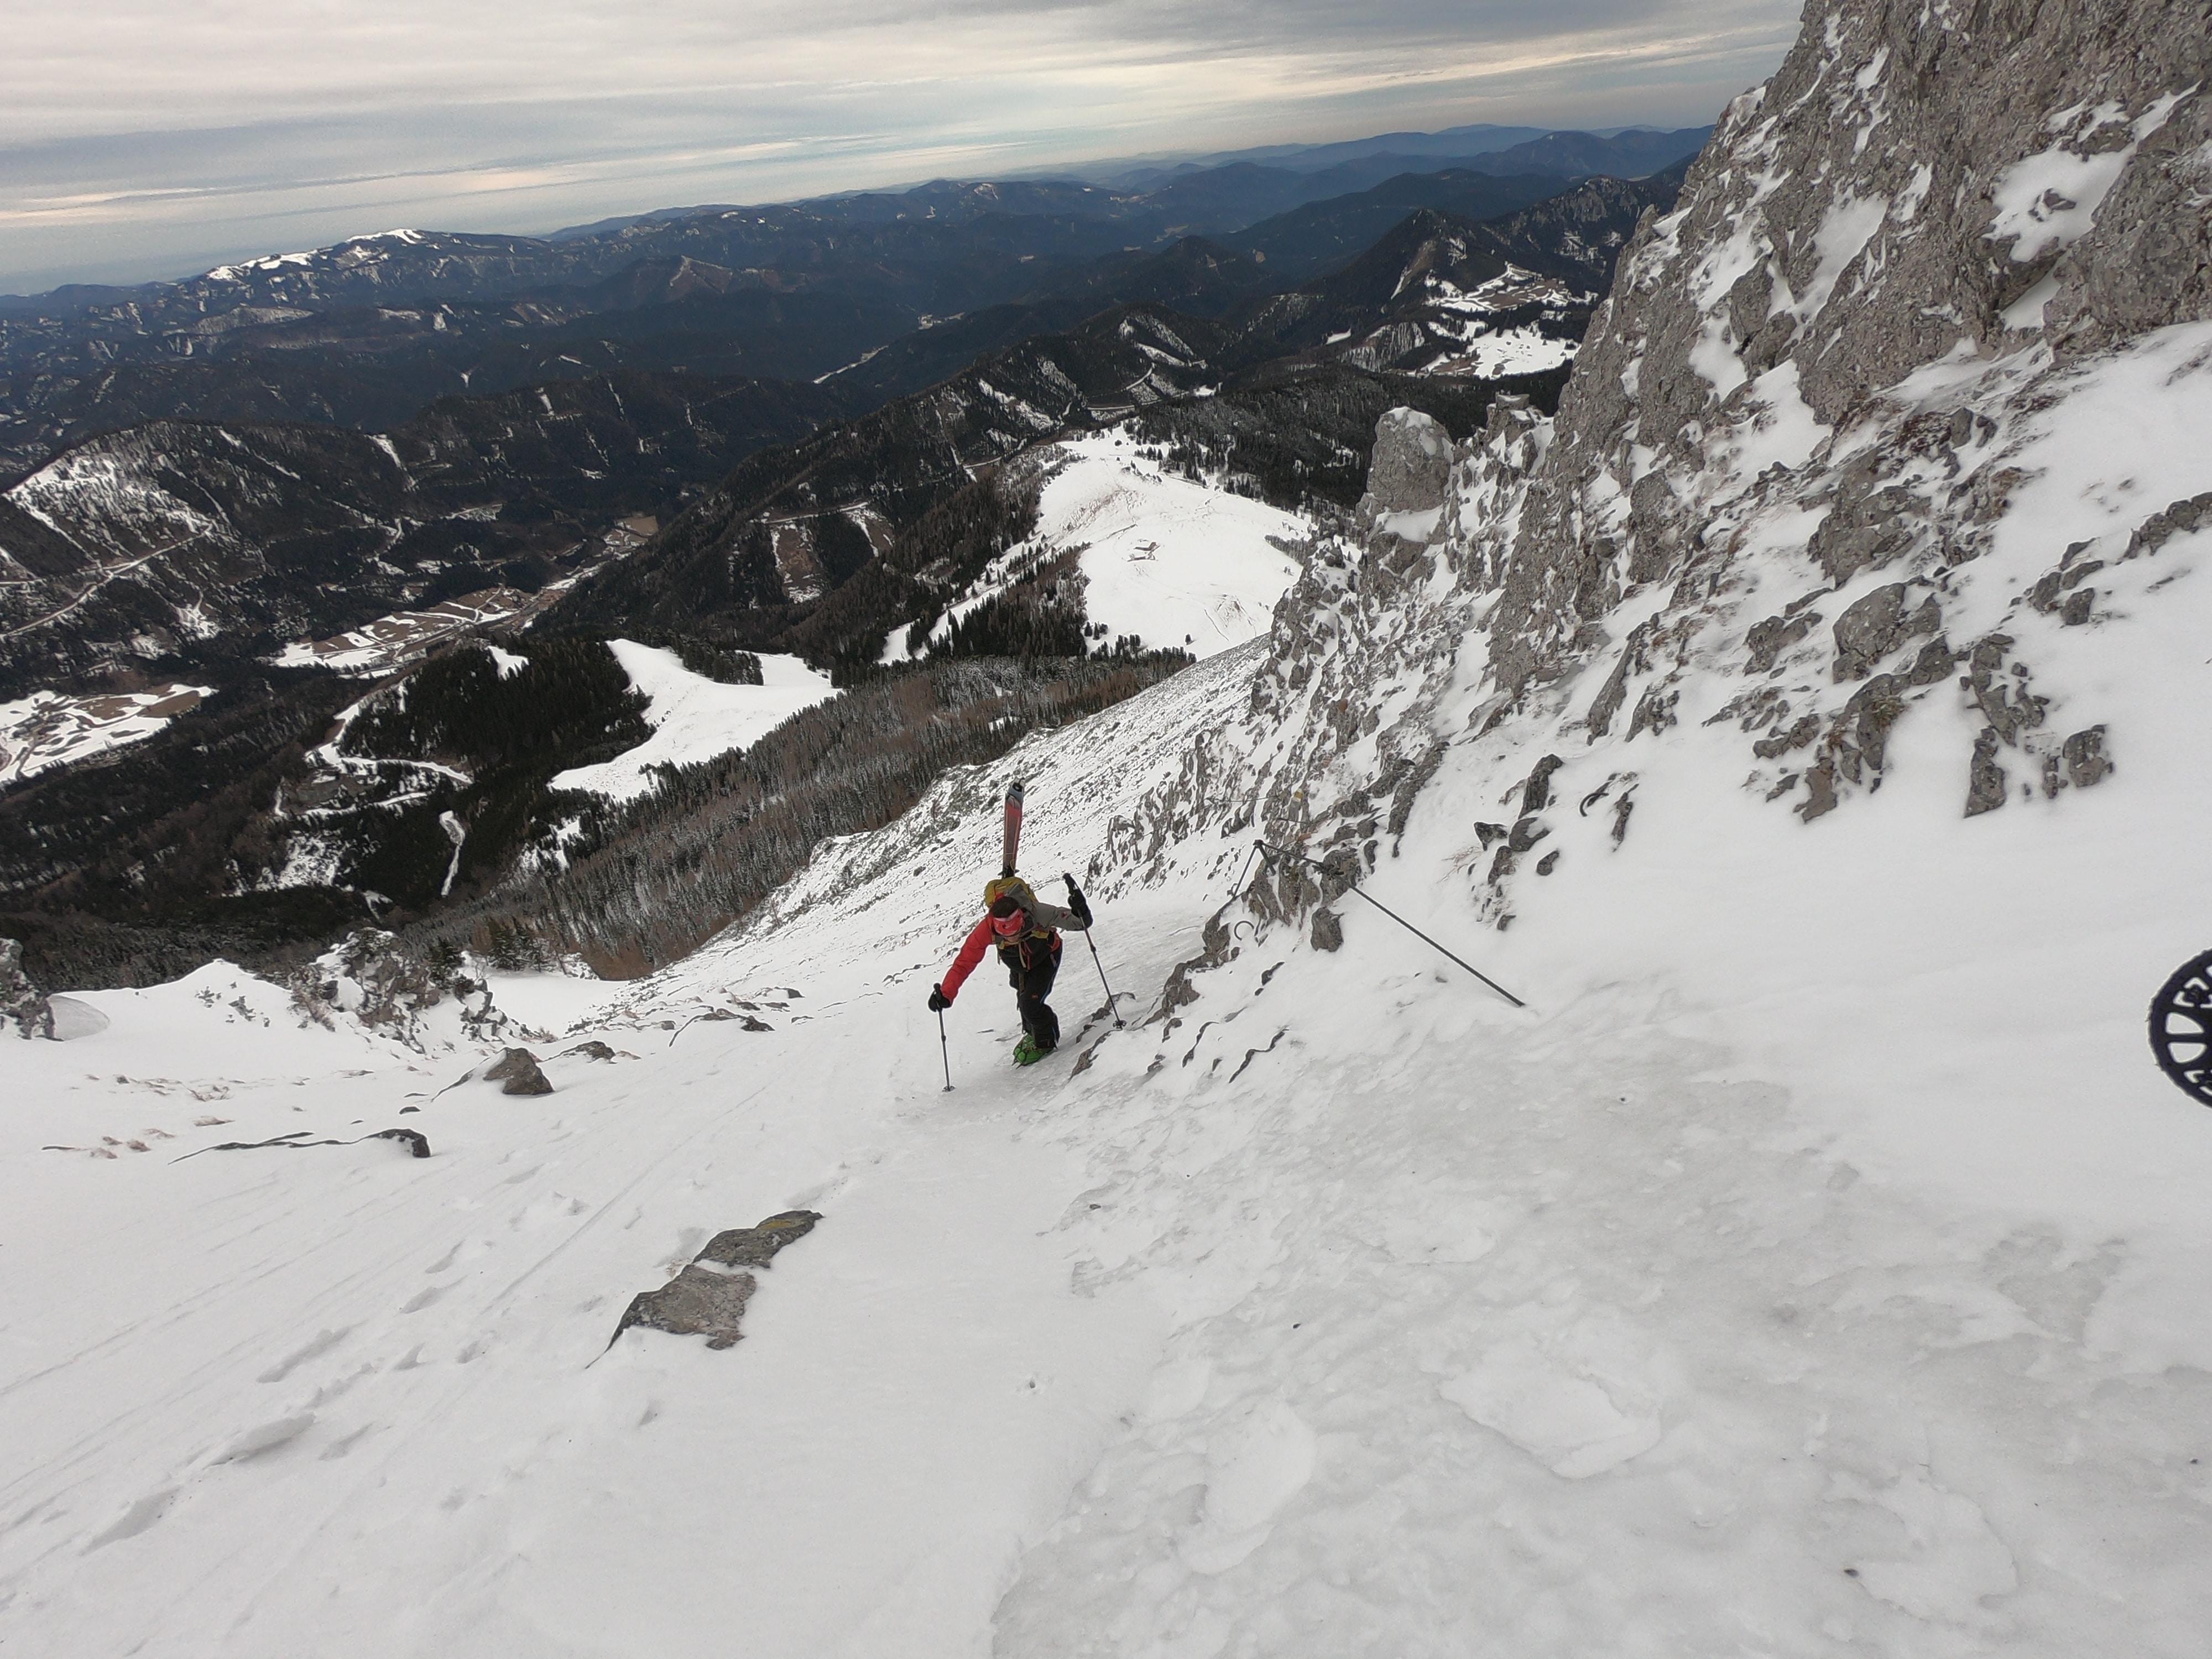 vereister Fadensteig am Schneeberg - Steigeisen ein Muss